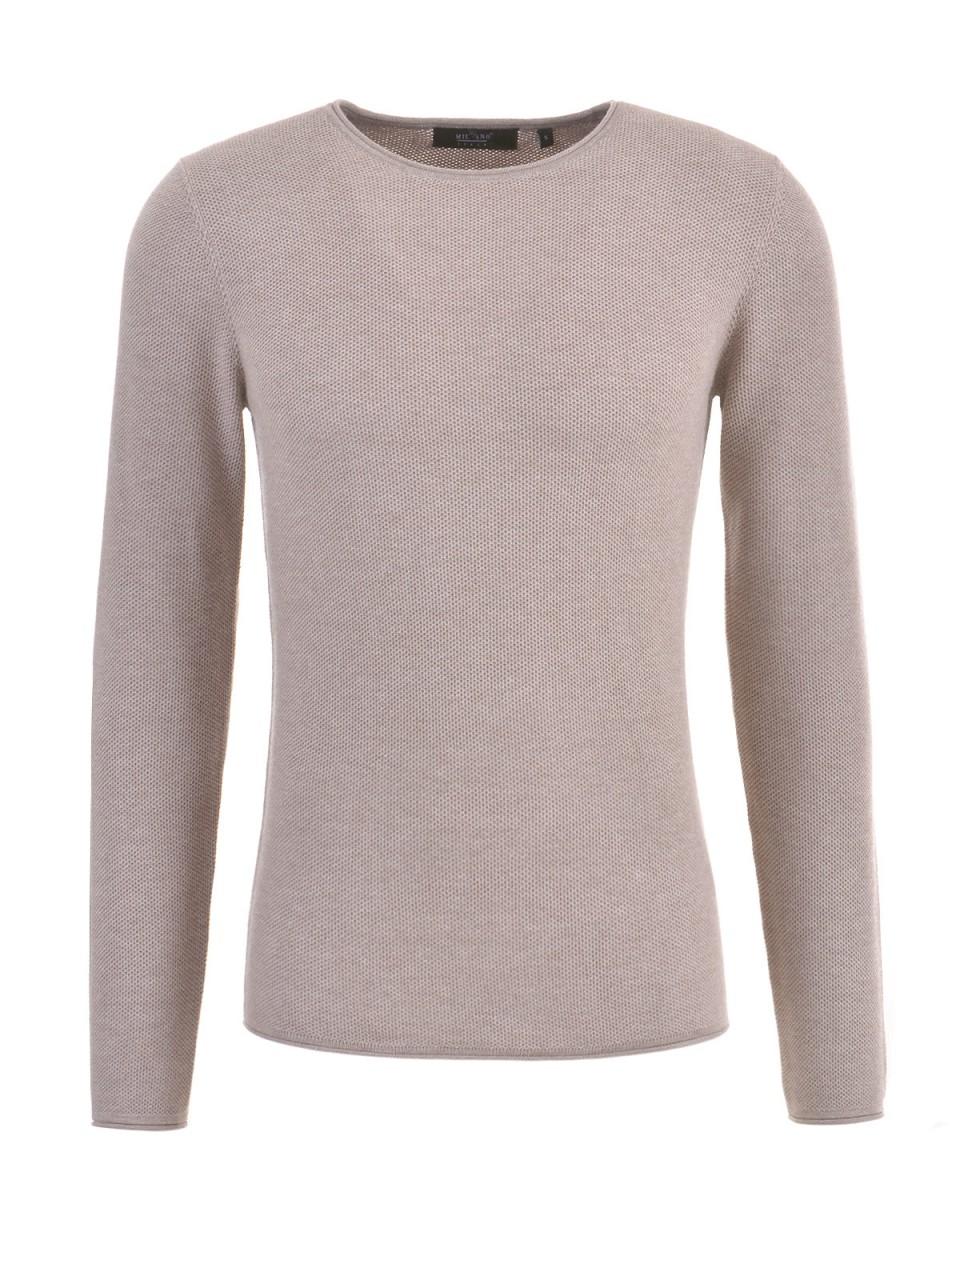 milano-italy-herren-pullover-beige